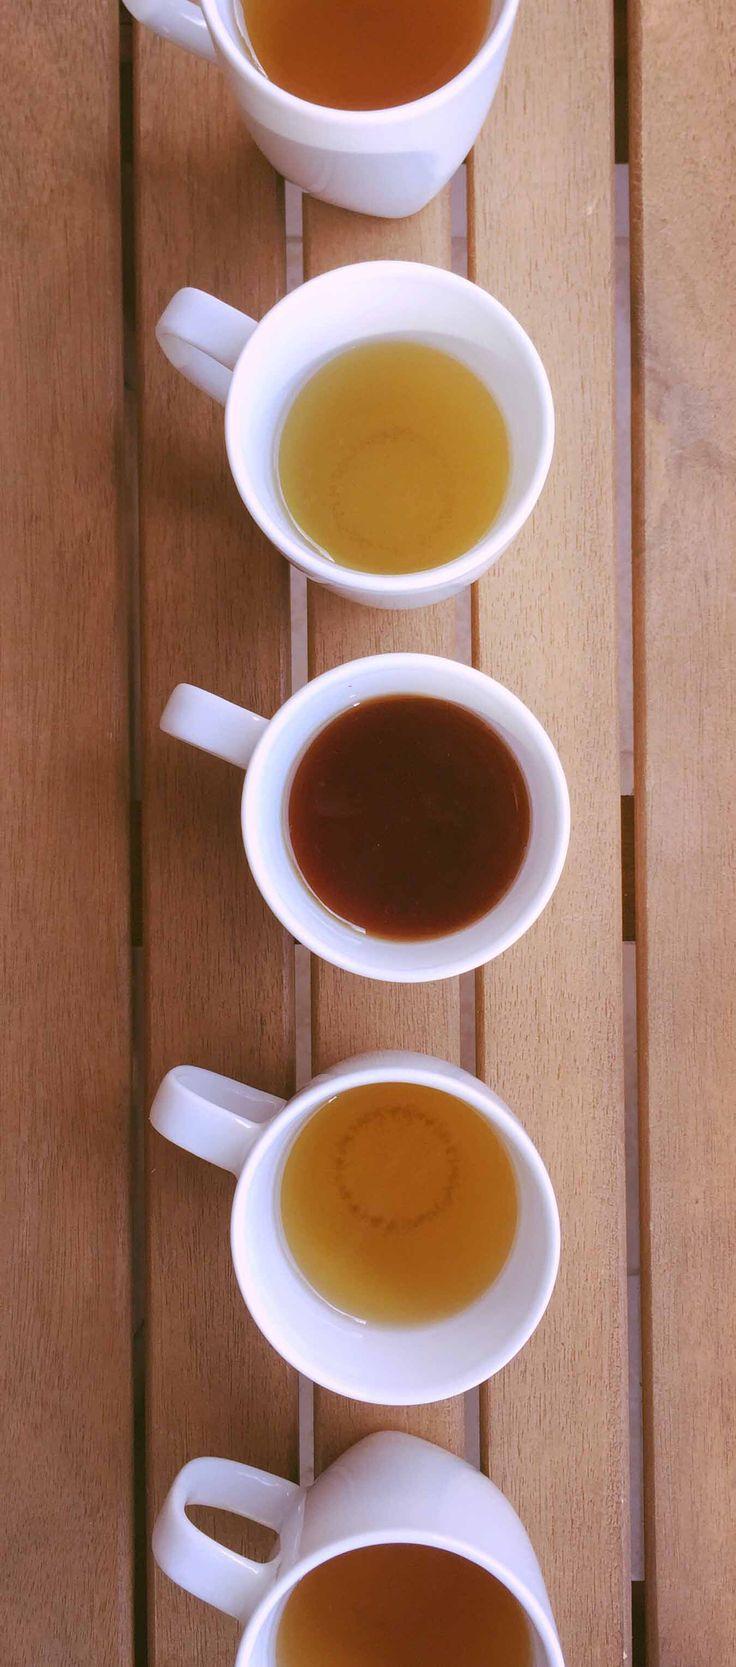 ¿Qué color prefieres hoy? #color #colour #colordeté #té #tea #colourtea